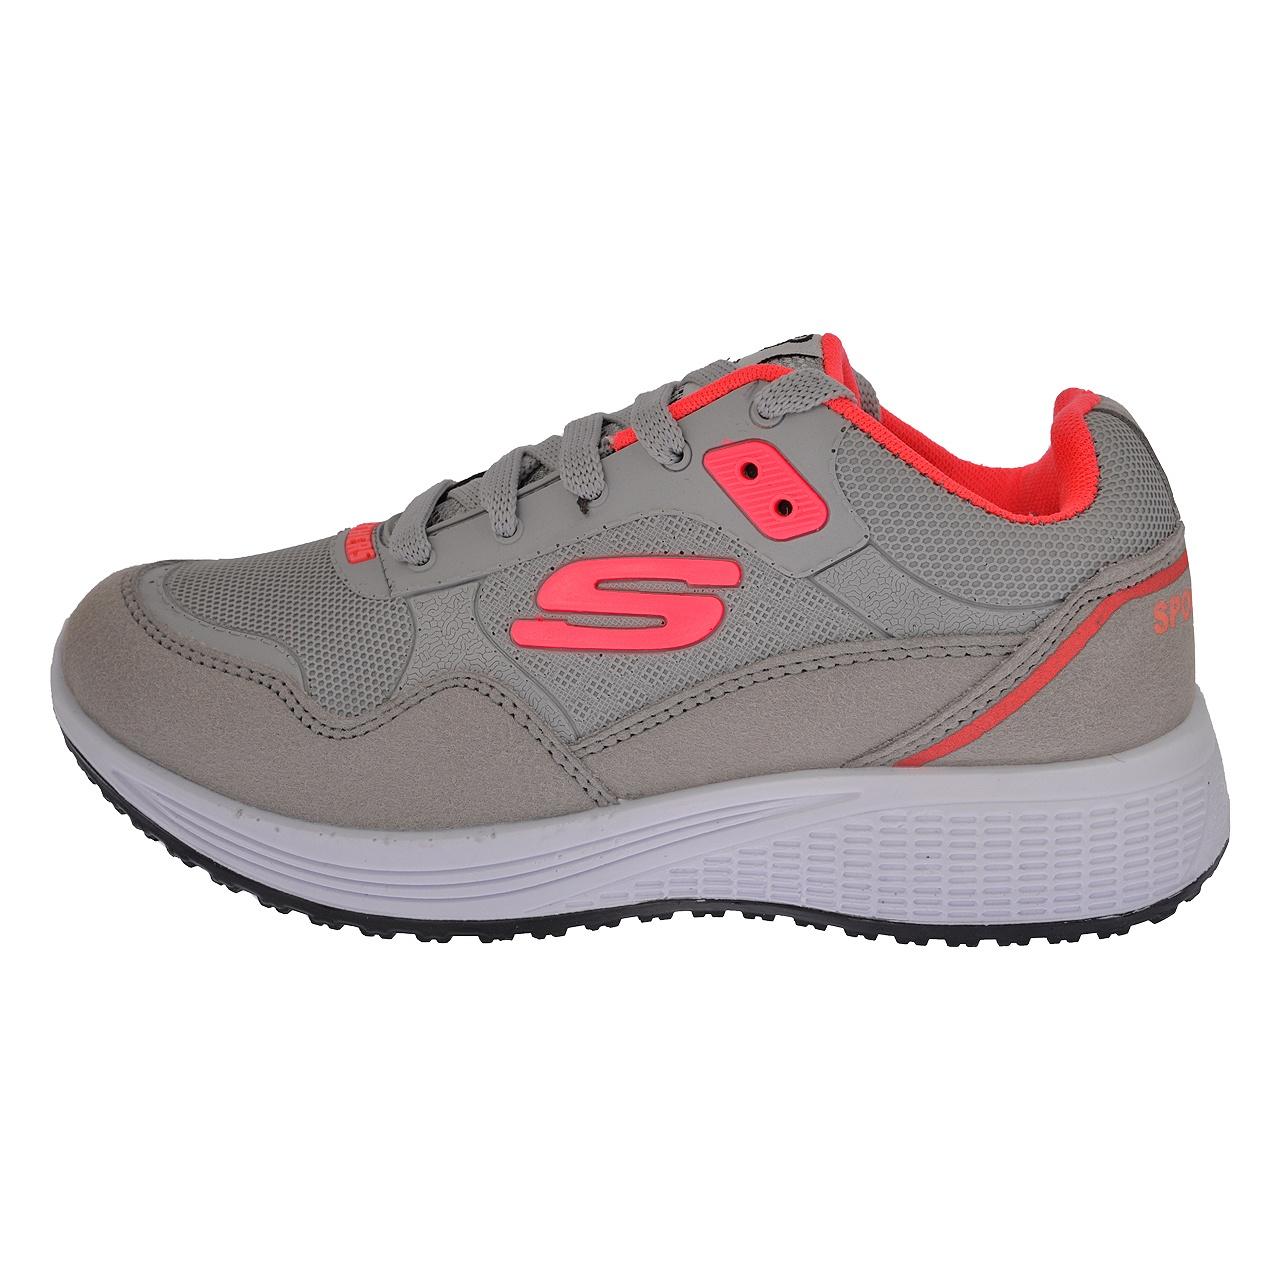 کفش راحتی زنانه کد 351004104